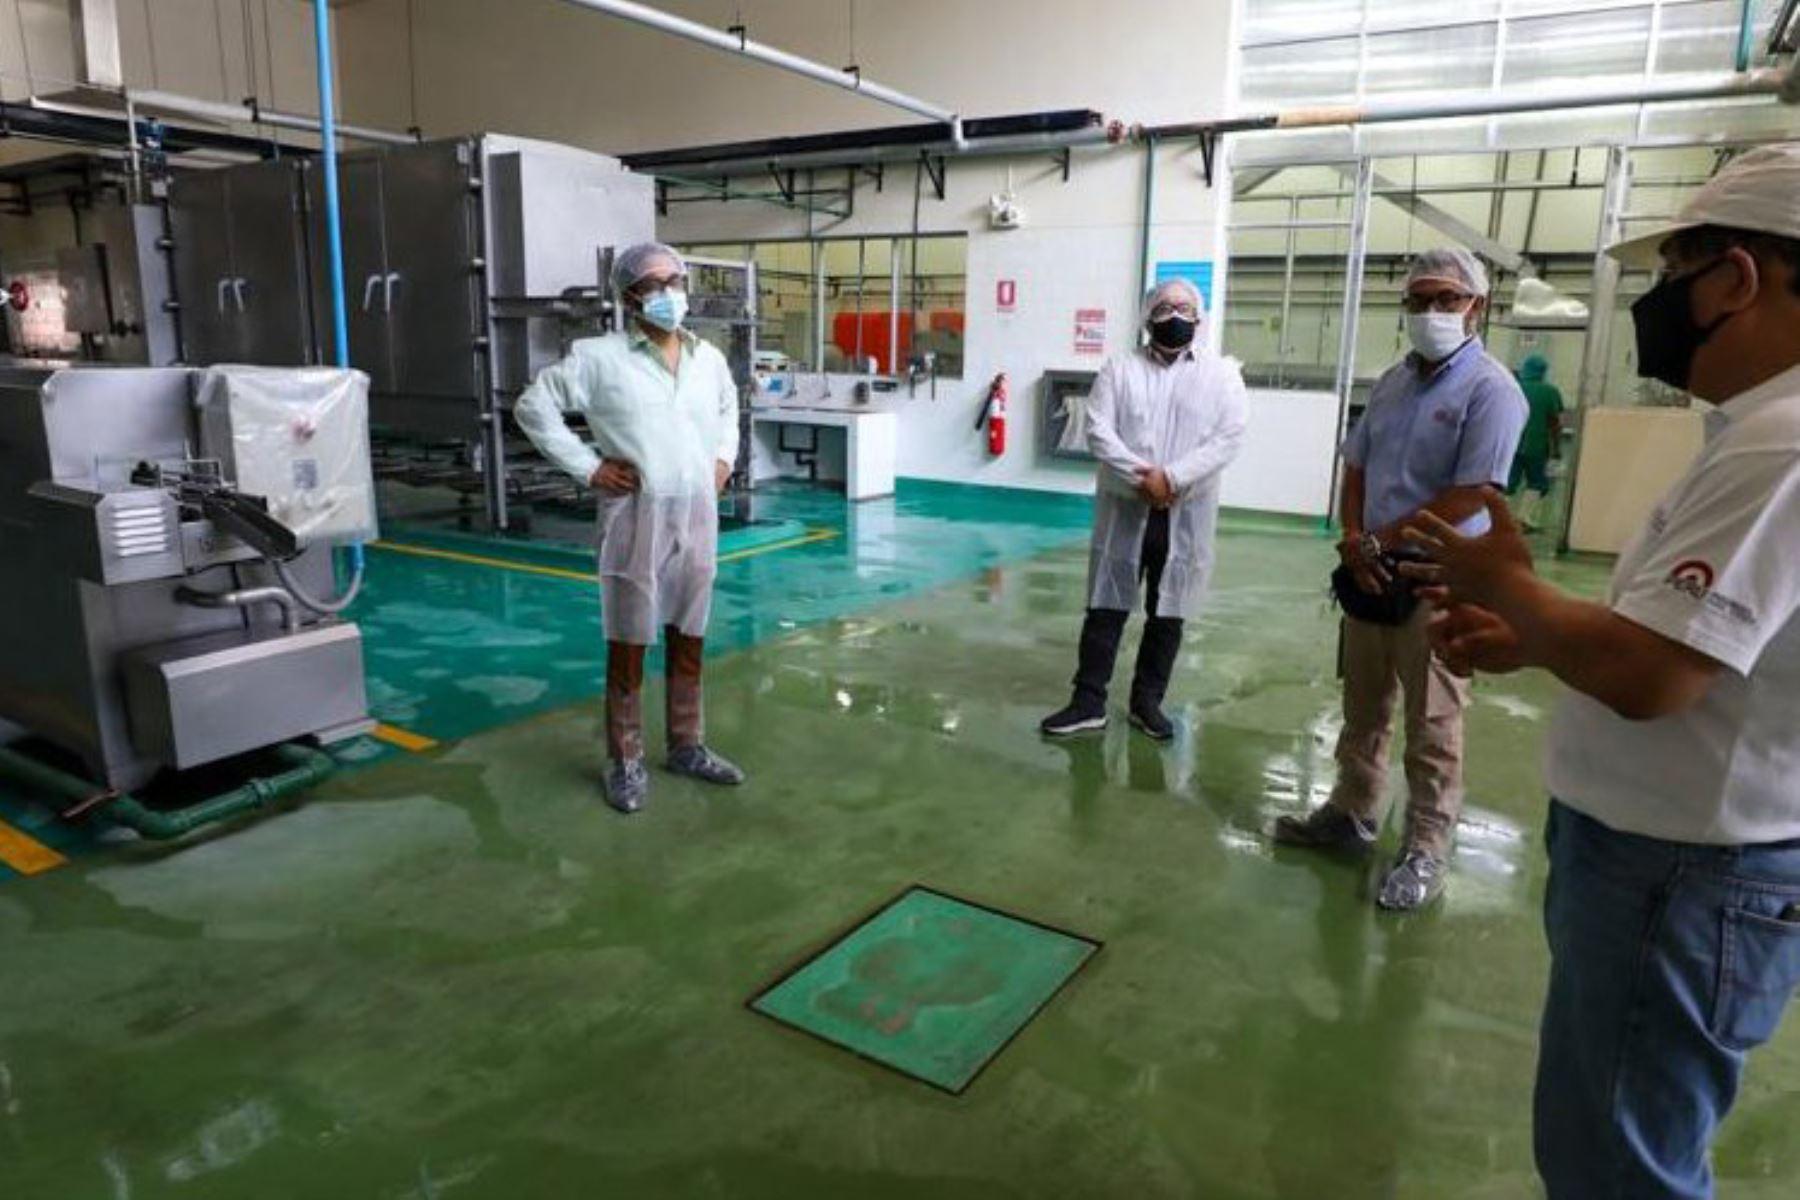 El ministro de la Producción, José Luis Chicoma, supervisa la actualización de equipos del CITE pesquero Callao, modernización que permitirá brindar servicios de mayor calidad en la transferencia tecnológica para el diseño, desarrollo y transformación de productos hidrobiológicos. Foto: Produce